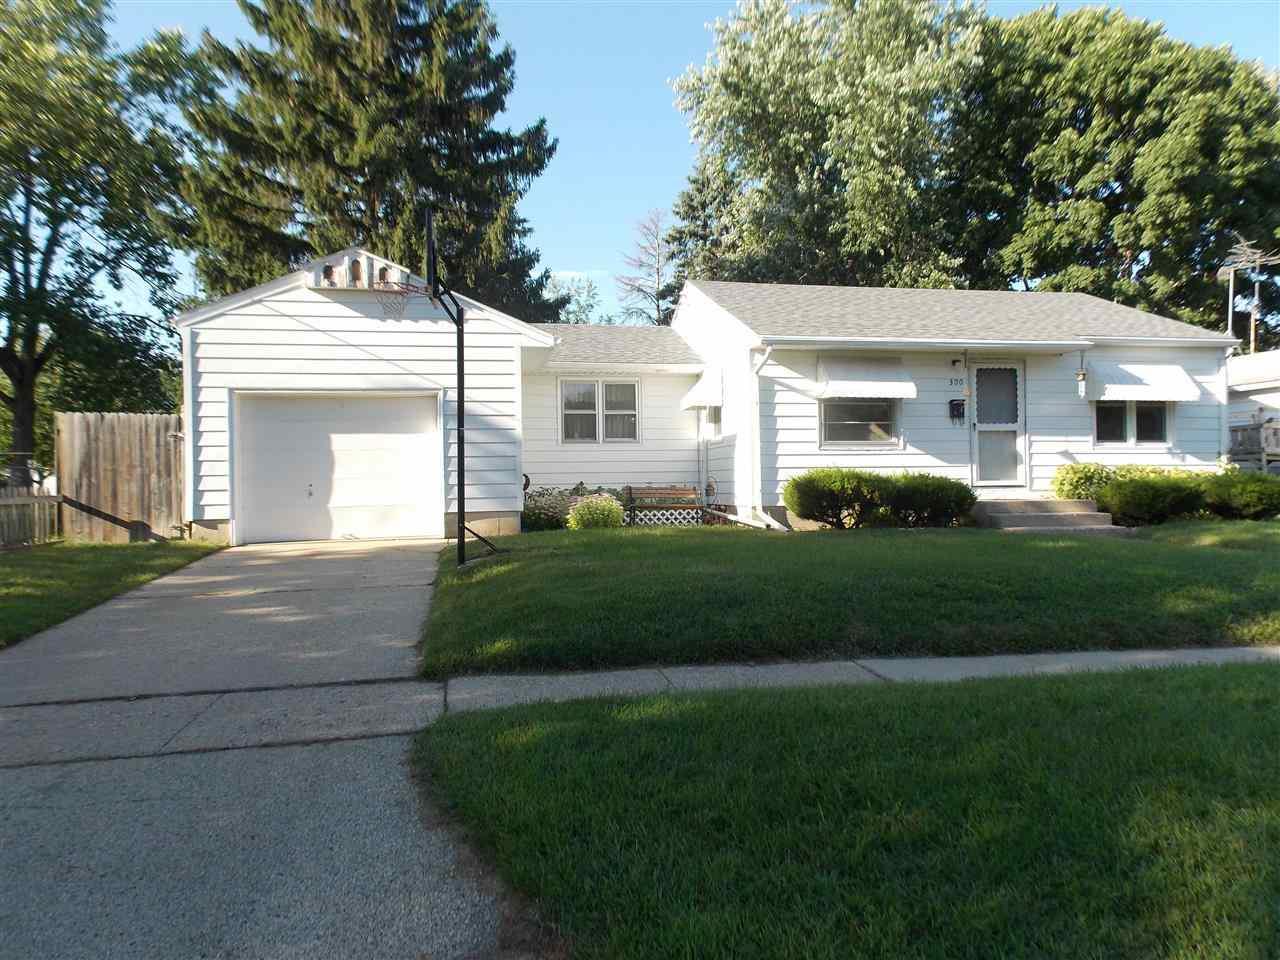 300 Renrose Ave, Loves Park, IL 61111